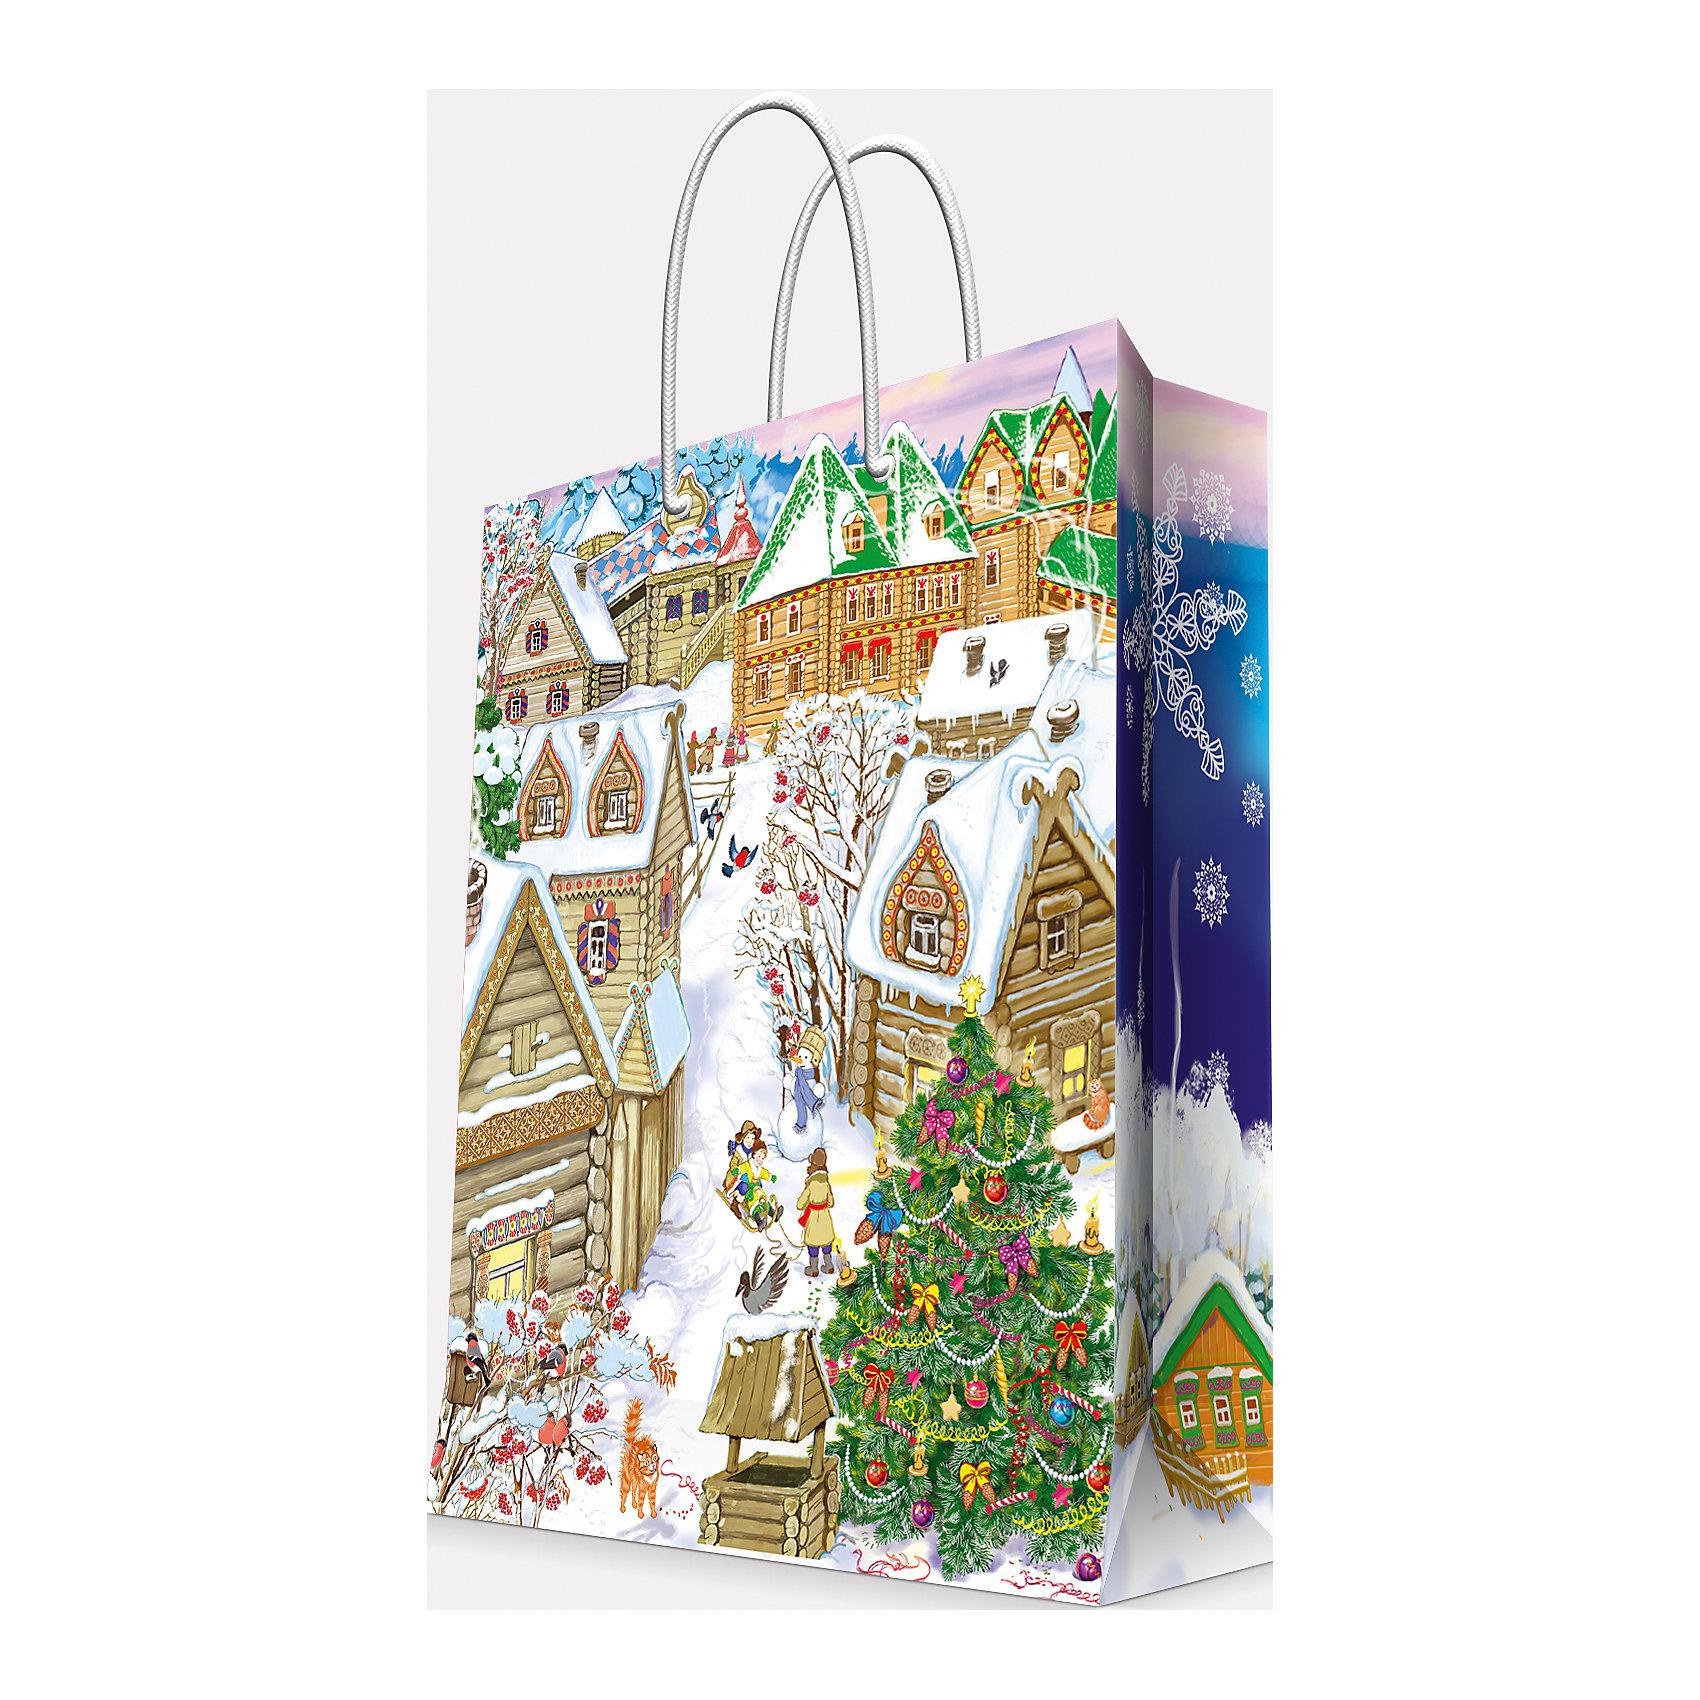 Подарочный пакет Снежный город 26*32,4*12,7 смВсё для праздника<br>Приближение Нового года не может не радовать! Праздничное настроение создает украшенный дом, наряженная ёлка, запах мандаринов, предновогодняя суета и, конечно же, подарки! Чтобы сделать момент вручения приятнее, нужен красивый подарочный пакет.<br>Этот пакет украшен симпатичным универсальным рисунком, поэтому в него можно упаковать подарок и родственнику, и коллеге. Он сделан из безопасного для детей, прочного, но легкого, материала. Создайте с ним праздничное настроение себе и близким!<br><br>Дополнительная информация:<br><br>плотность бумаги: 140 г/м2;<br>размер: 26 х 32 х 13 см;<br>с ламинацией;<br>украшен рисунком.<br><br>Подарочный пакет Снежный город 26*32,4*12,7 см можно купить в нашем магазине.<br><br>Ширина мм: 260<br>Глубина мм: 234<br>Высота мм: 127<br>Вес г: 71<br>Возраст от месяцев: 36<br>Возраст до месяцев: 2147483647<br>Пол: Унисекс<br>Возраст: Детский<br>SKU: 4981605